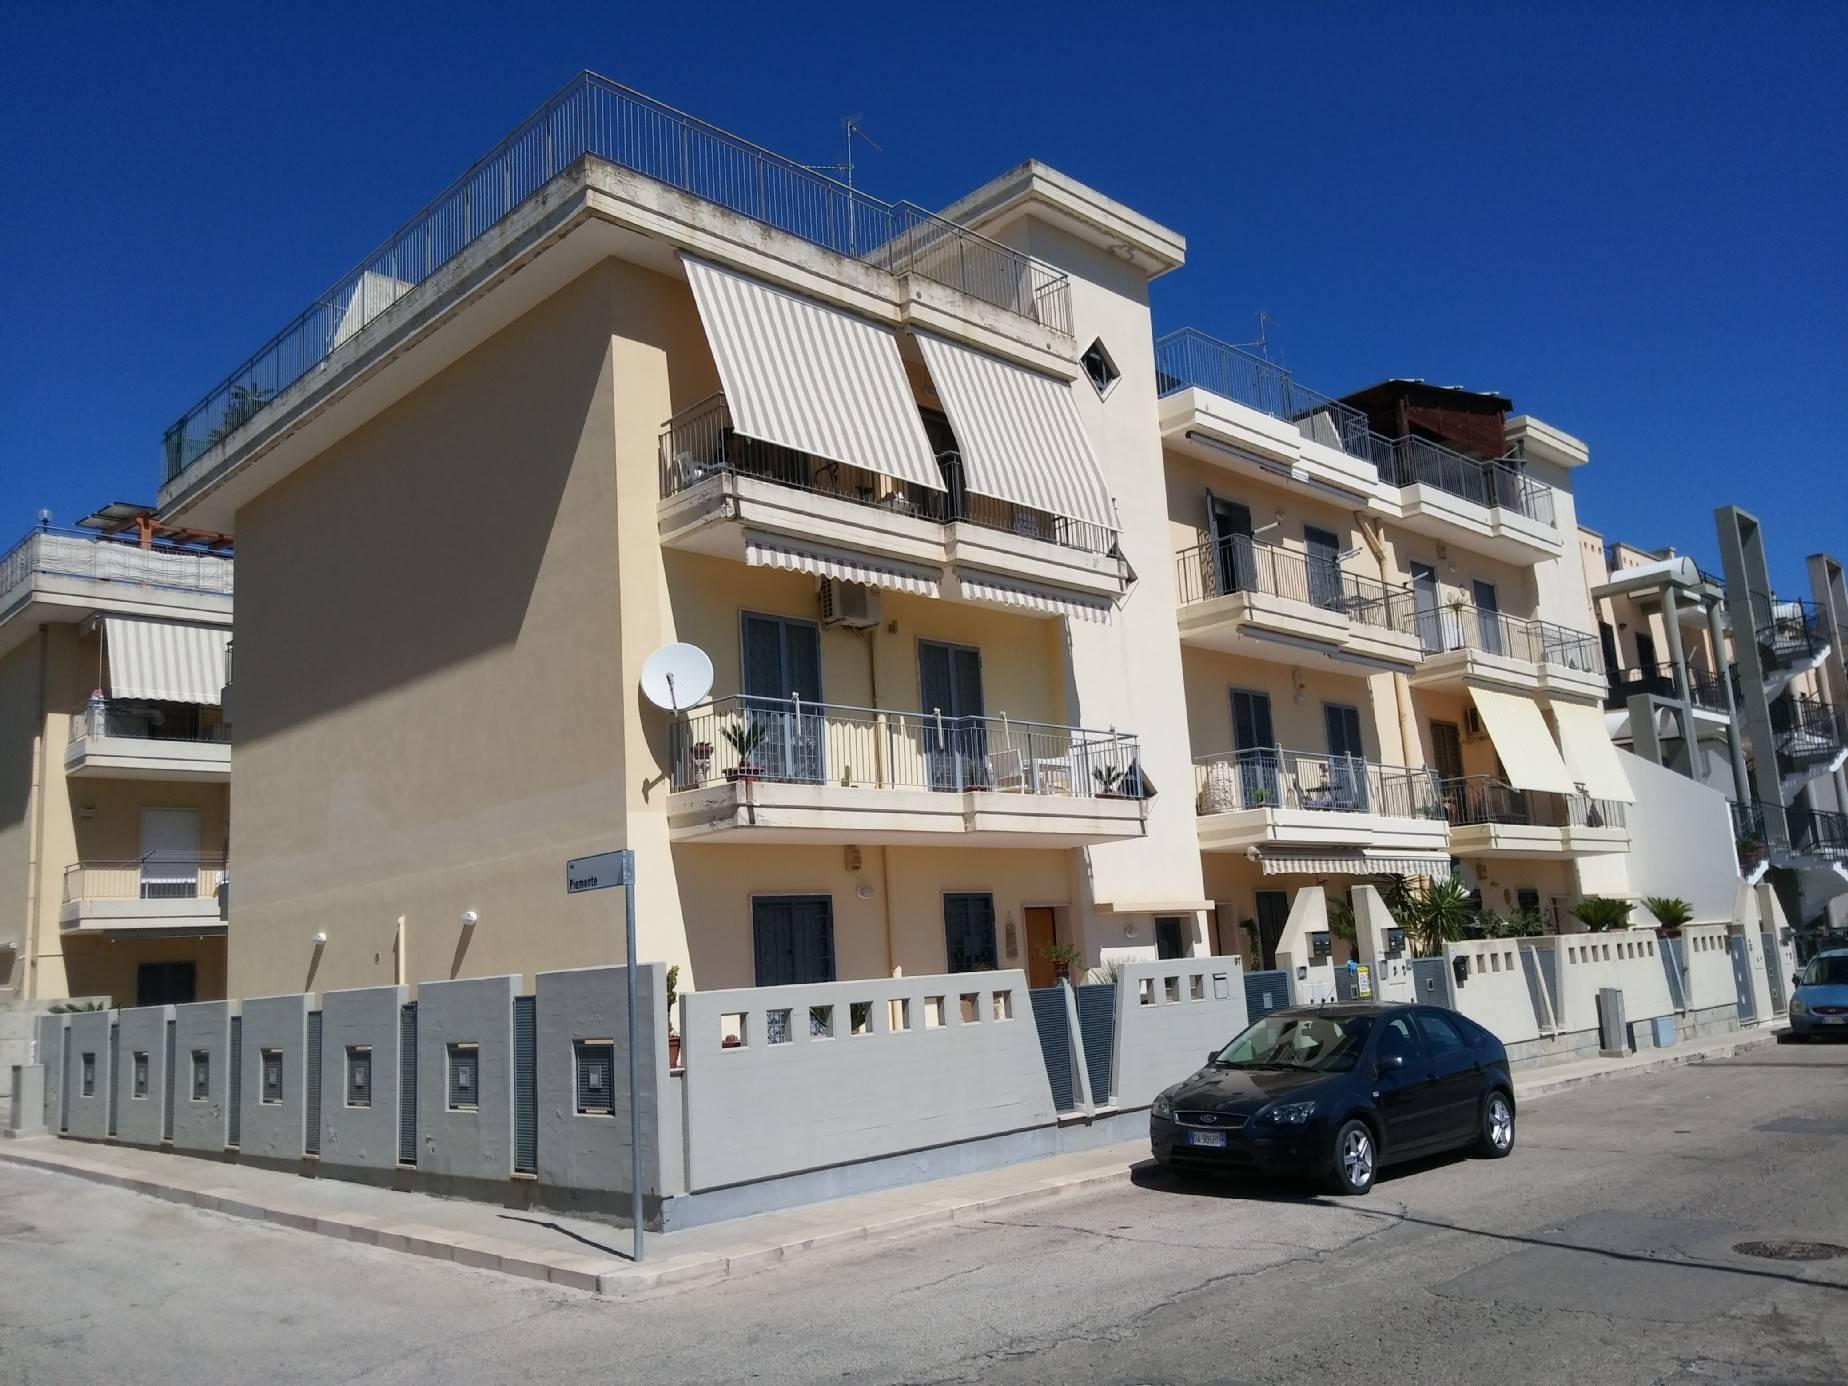 Appartamento in vendita a Palo del Colle, 3 locali, prezzo € 140.000   PortaleAgenzieImmobiliari.it